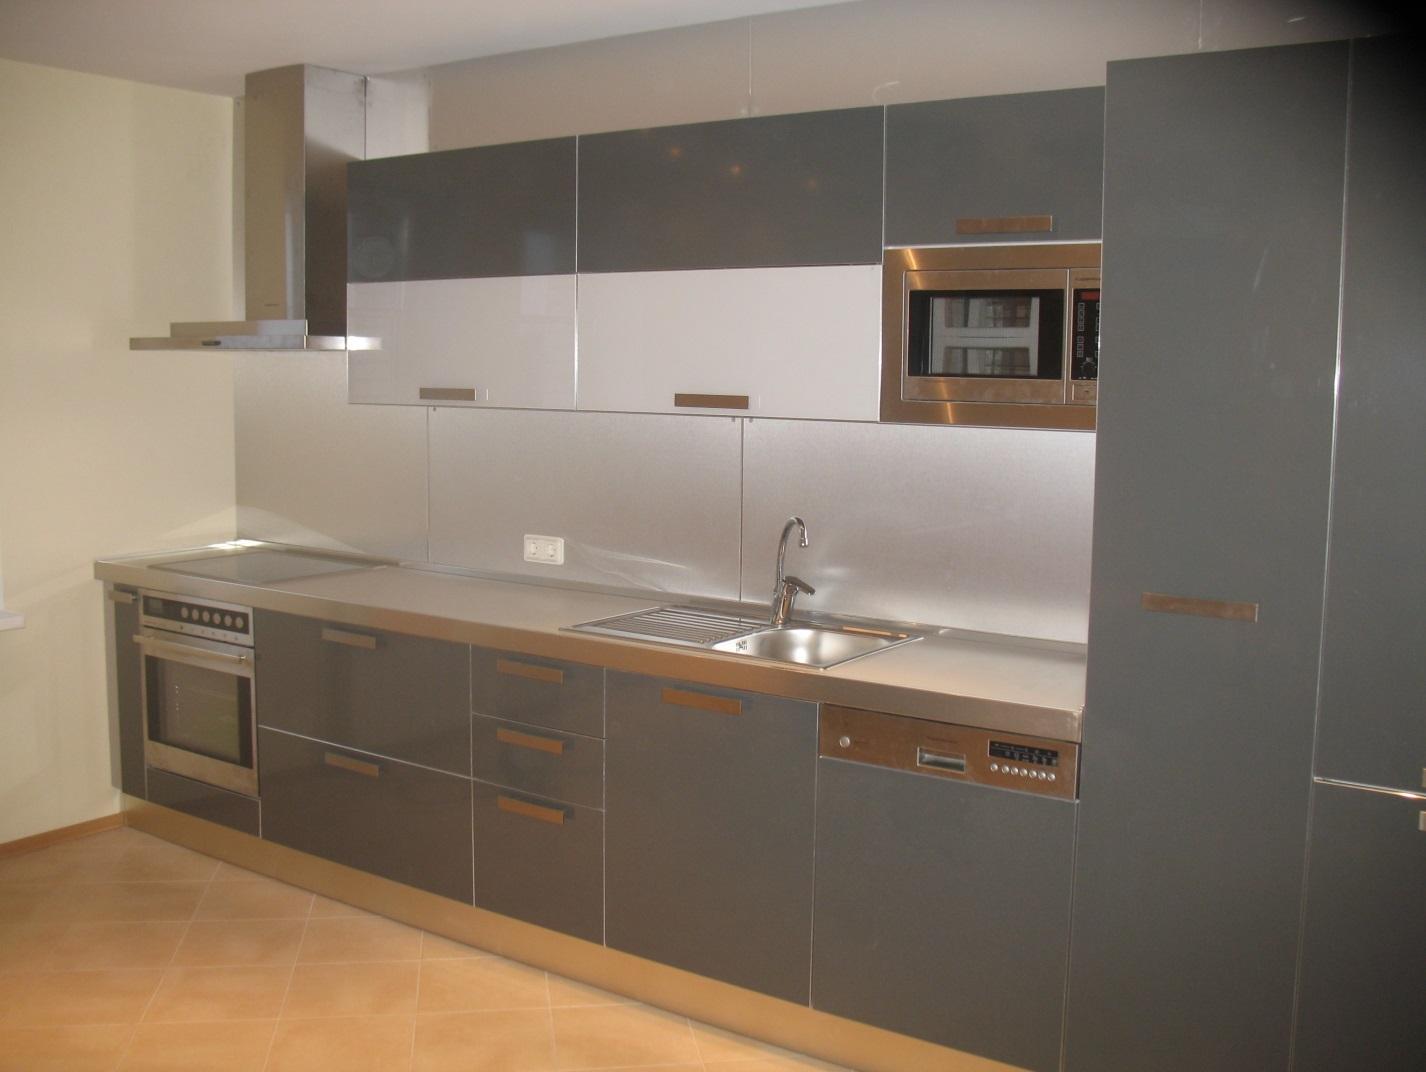 Кухня со встроенными духовым шкафом